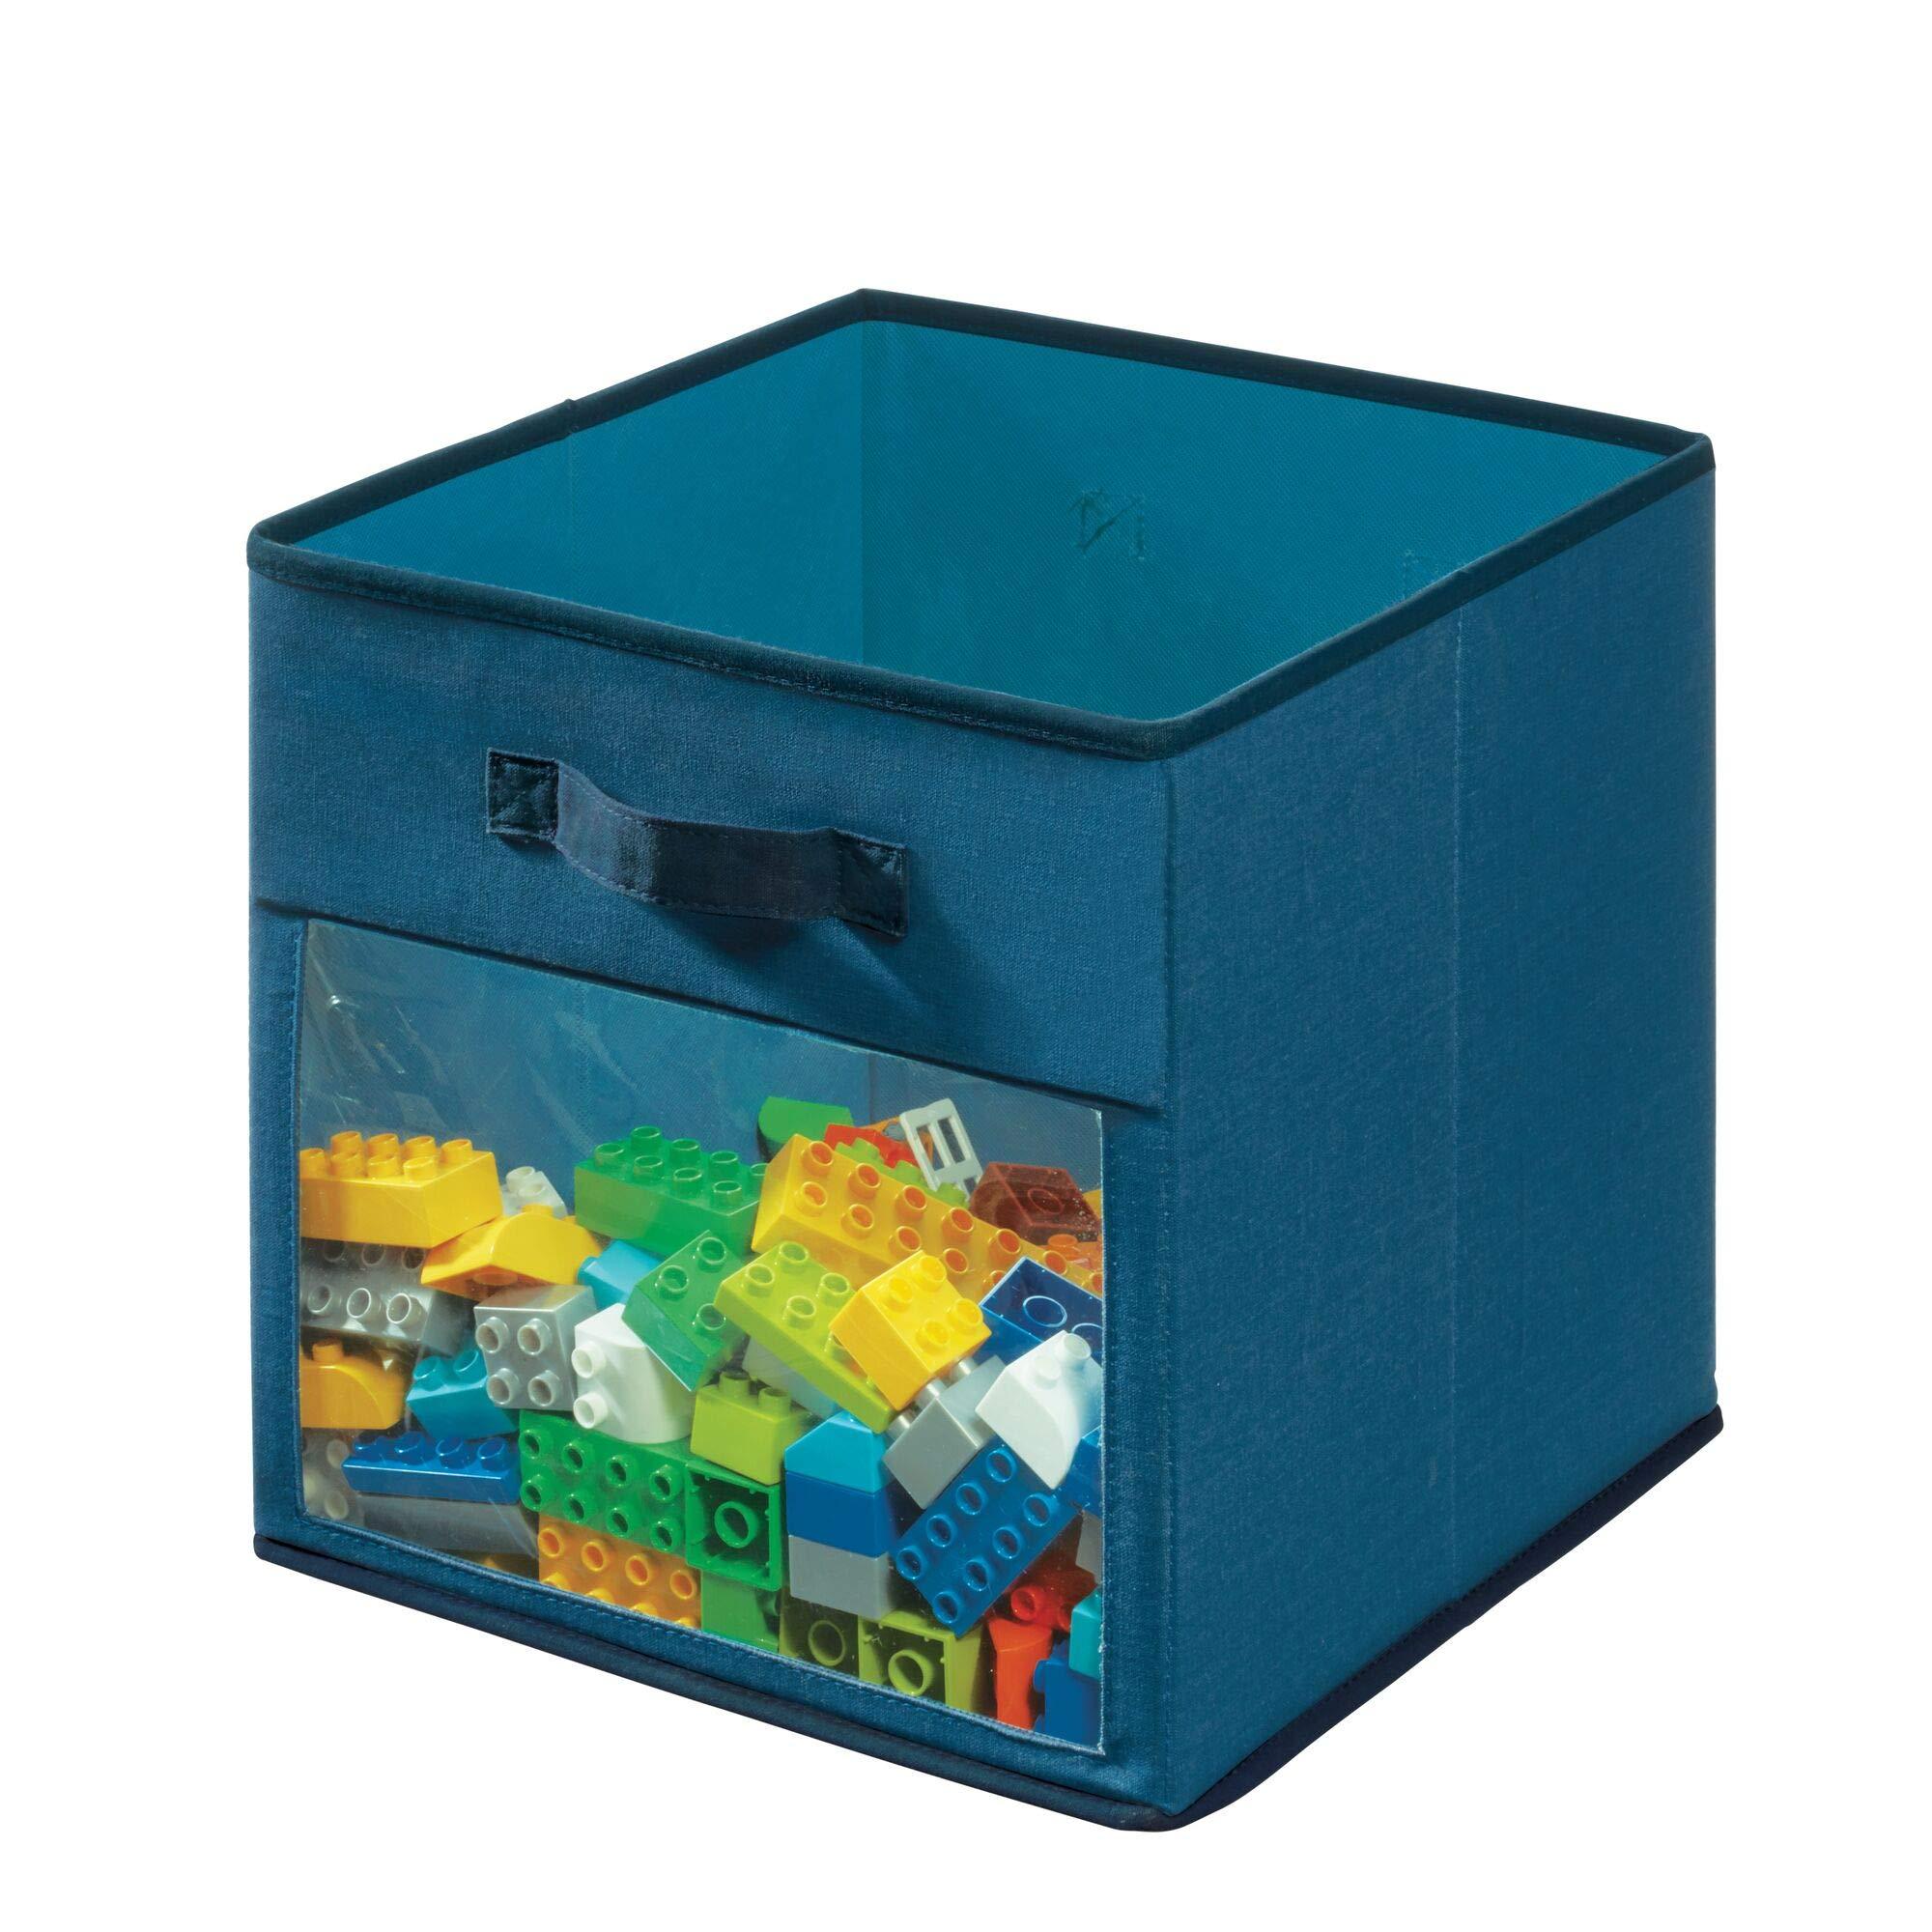 Idesign Tela, Caja Mediana En Mezcla De Algodón Y Poliéster Para Armario, Dormitorio O Cuarto Infantil, Organizador Plegable Con 2 Asas Y Ventana, Azul, X 33,0 Cm: Amazon.es: Hogar